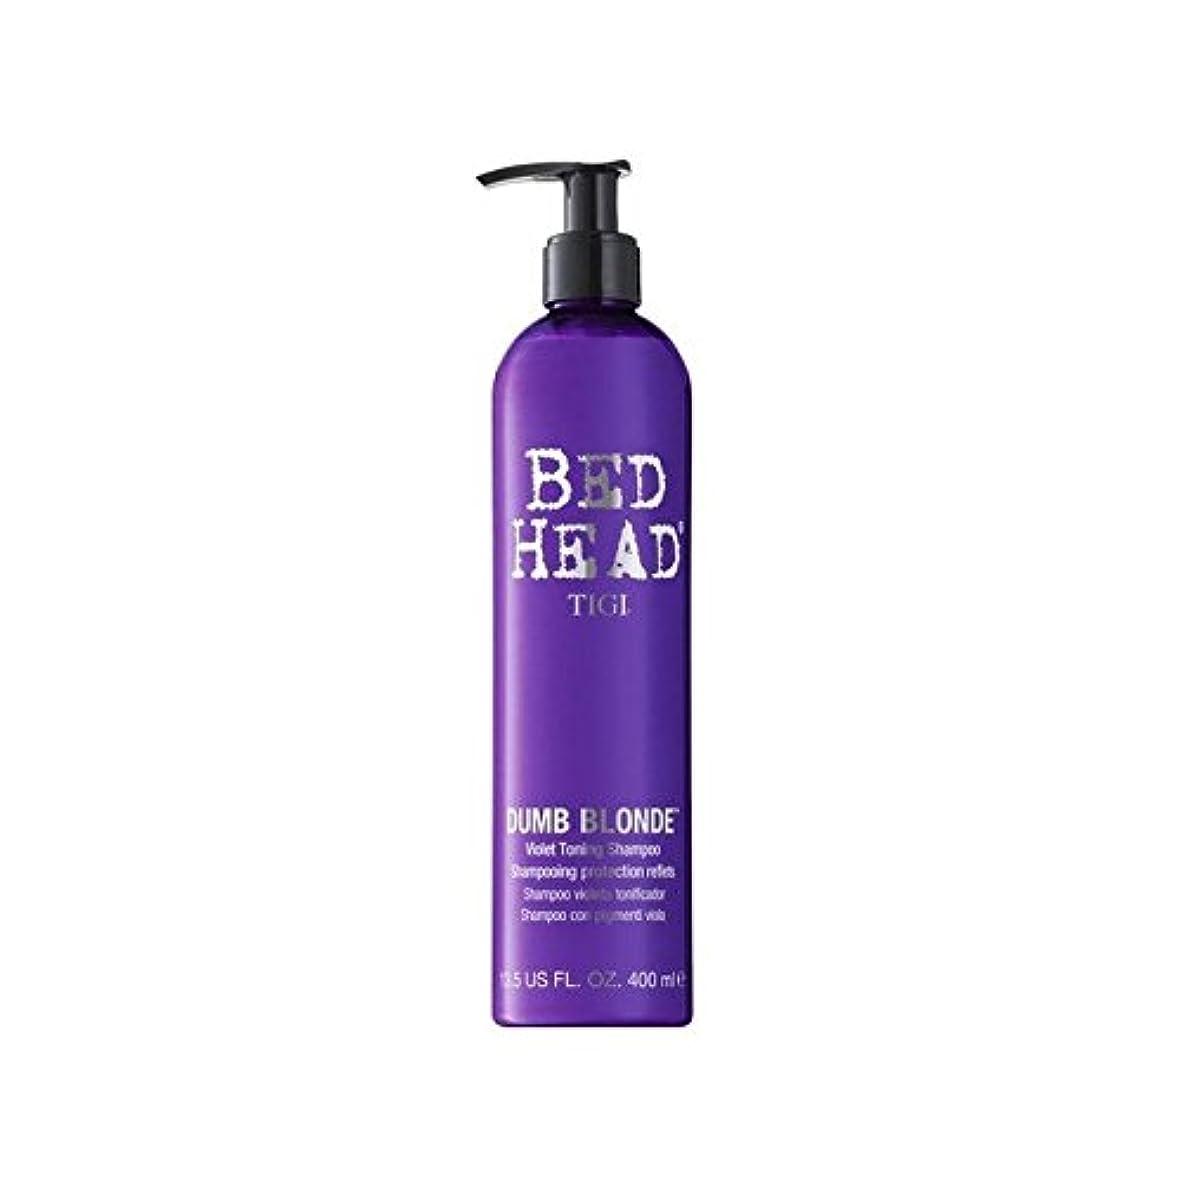 コンデンサーアレンジ腹部Tigi Bed Head Dumb Blonde Violet Toning Shampoo (400ml) - ティジーベッドヘッドダムブロンド紫色調色シャンプー(400ミリリットル) [並行輸入品]